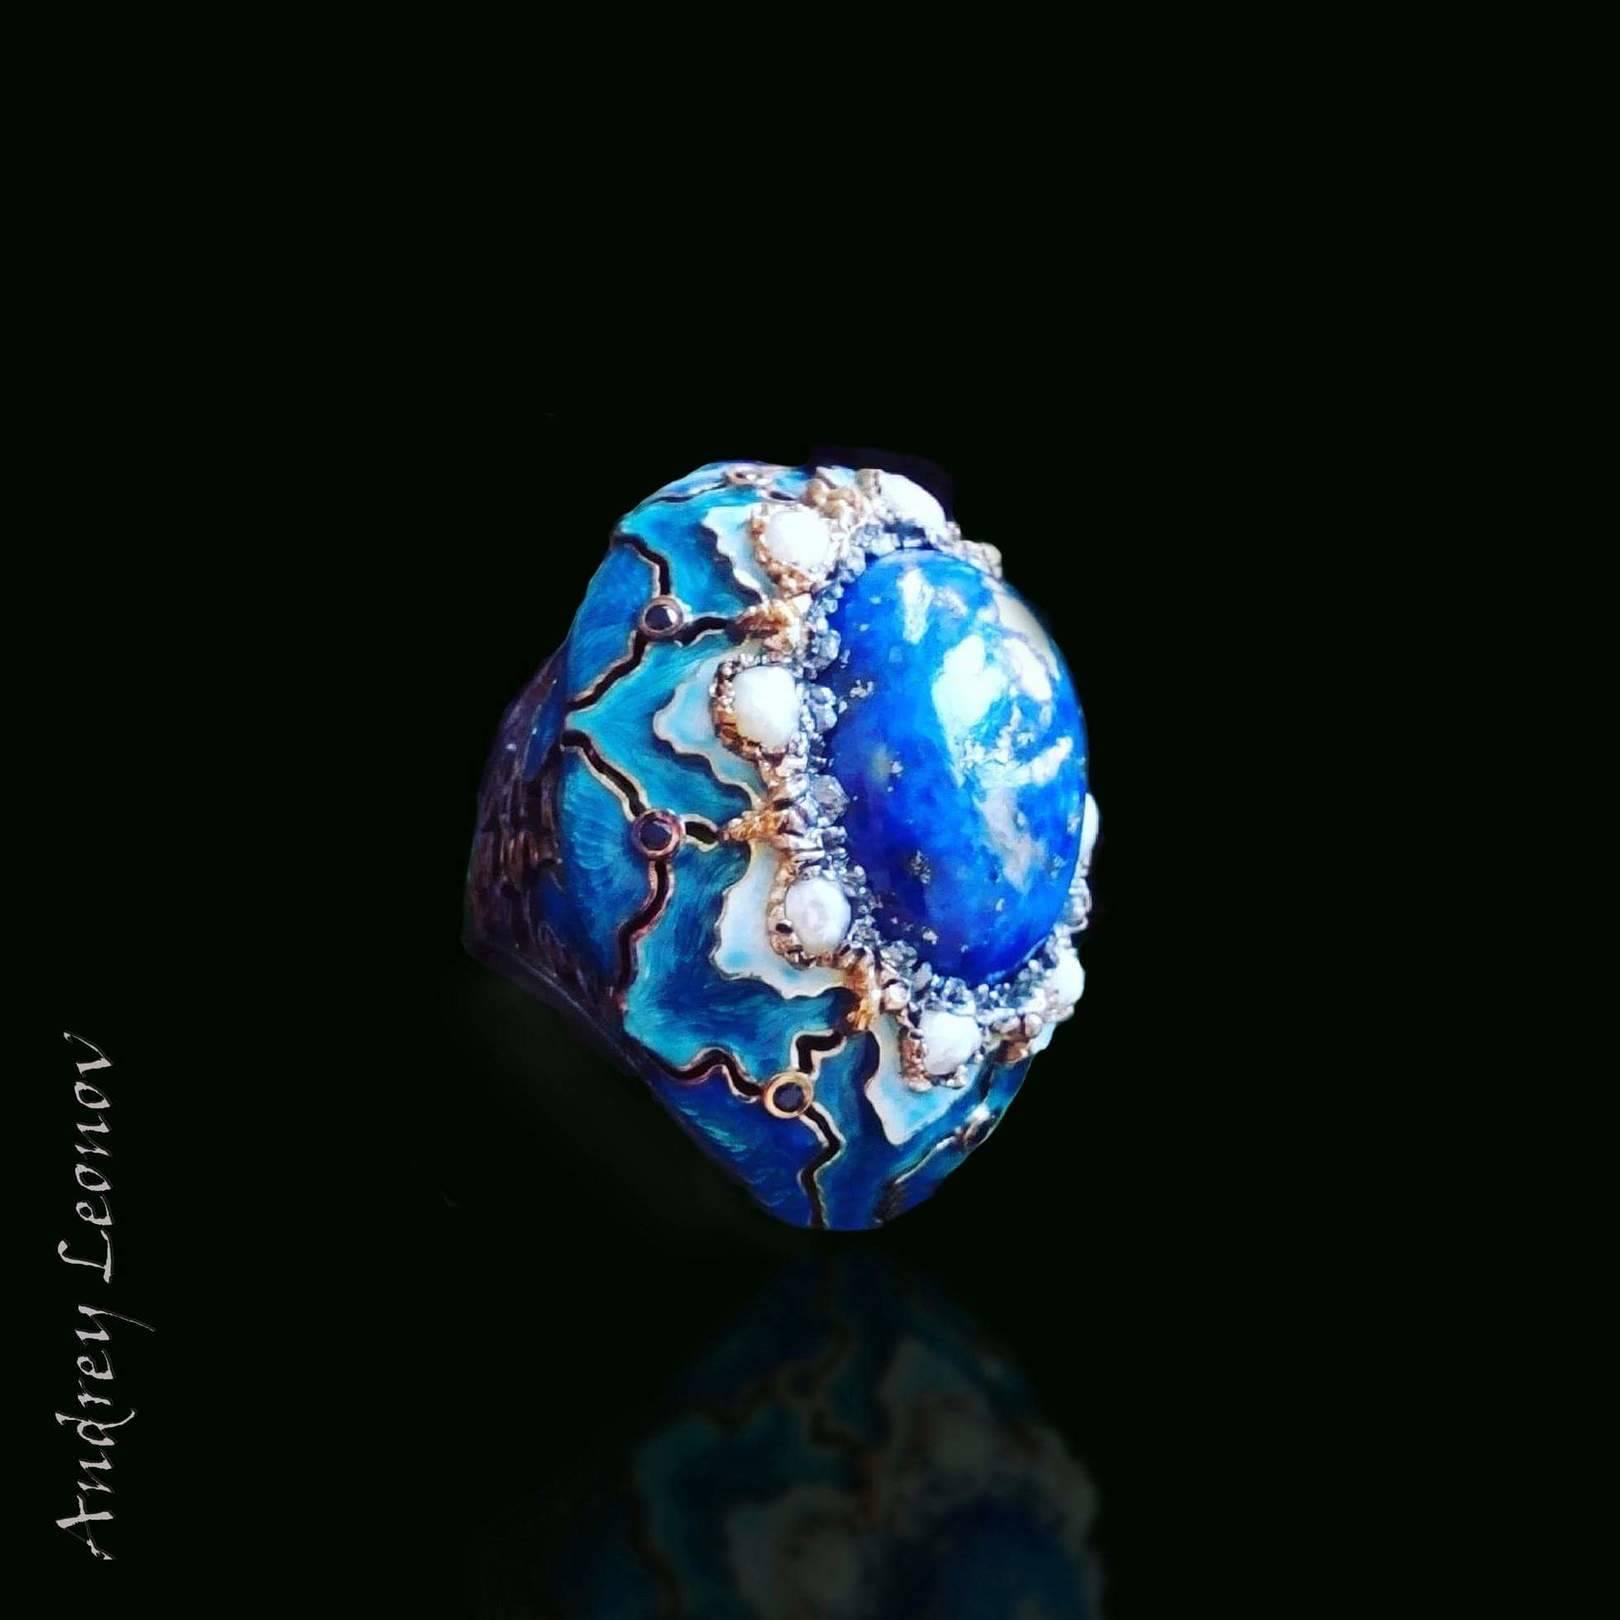 серебро-925,лазурит,горячая эмаль,жемчуг,сапфиры,гальваническое покрытие.